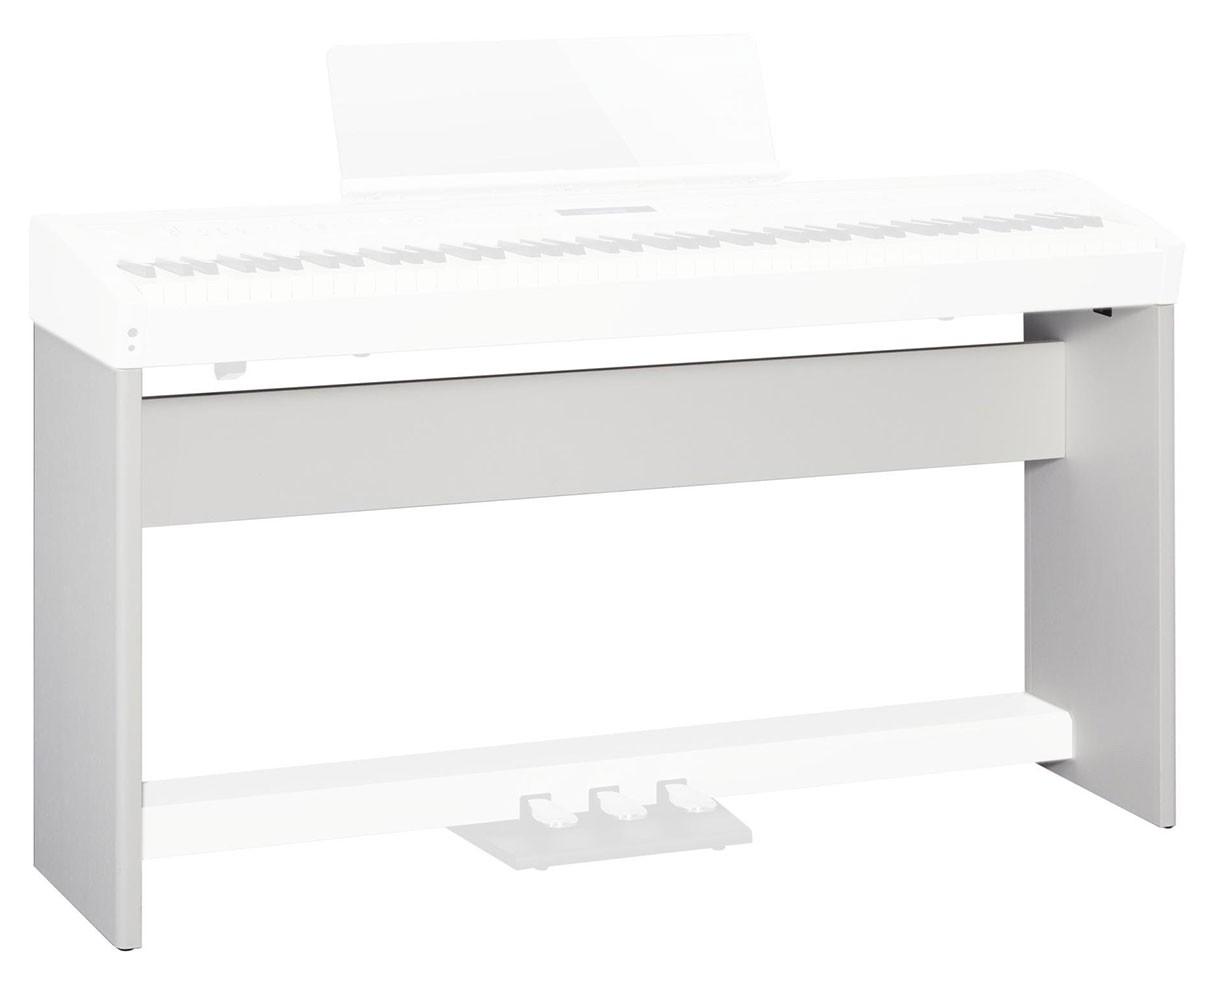 Roland KSC-72 (White)